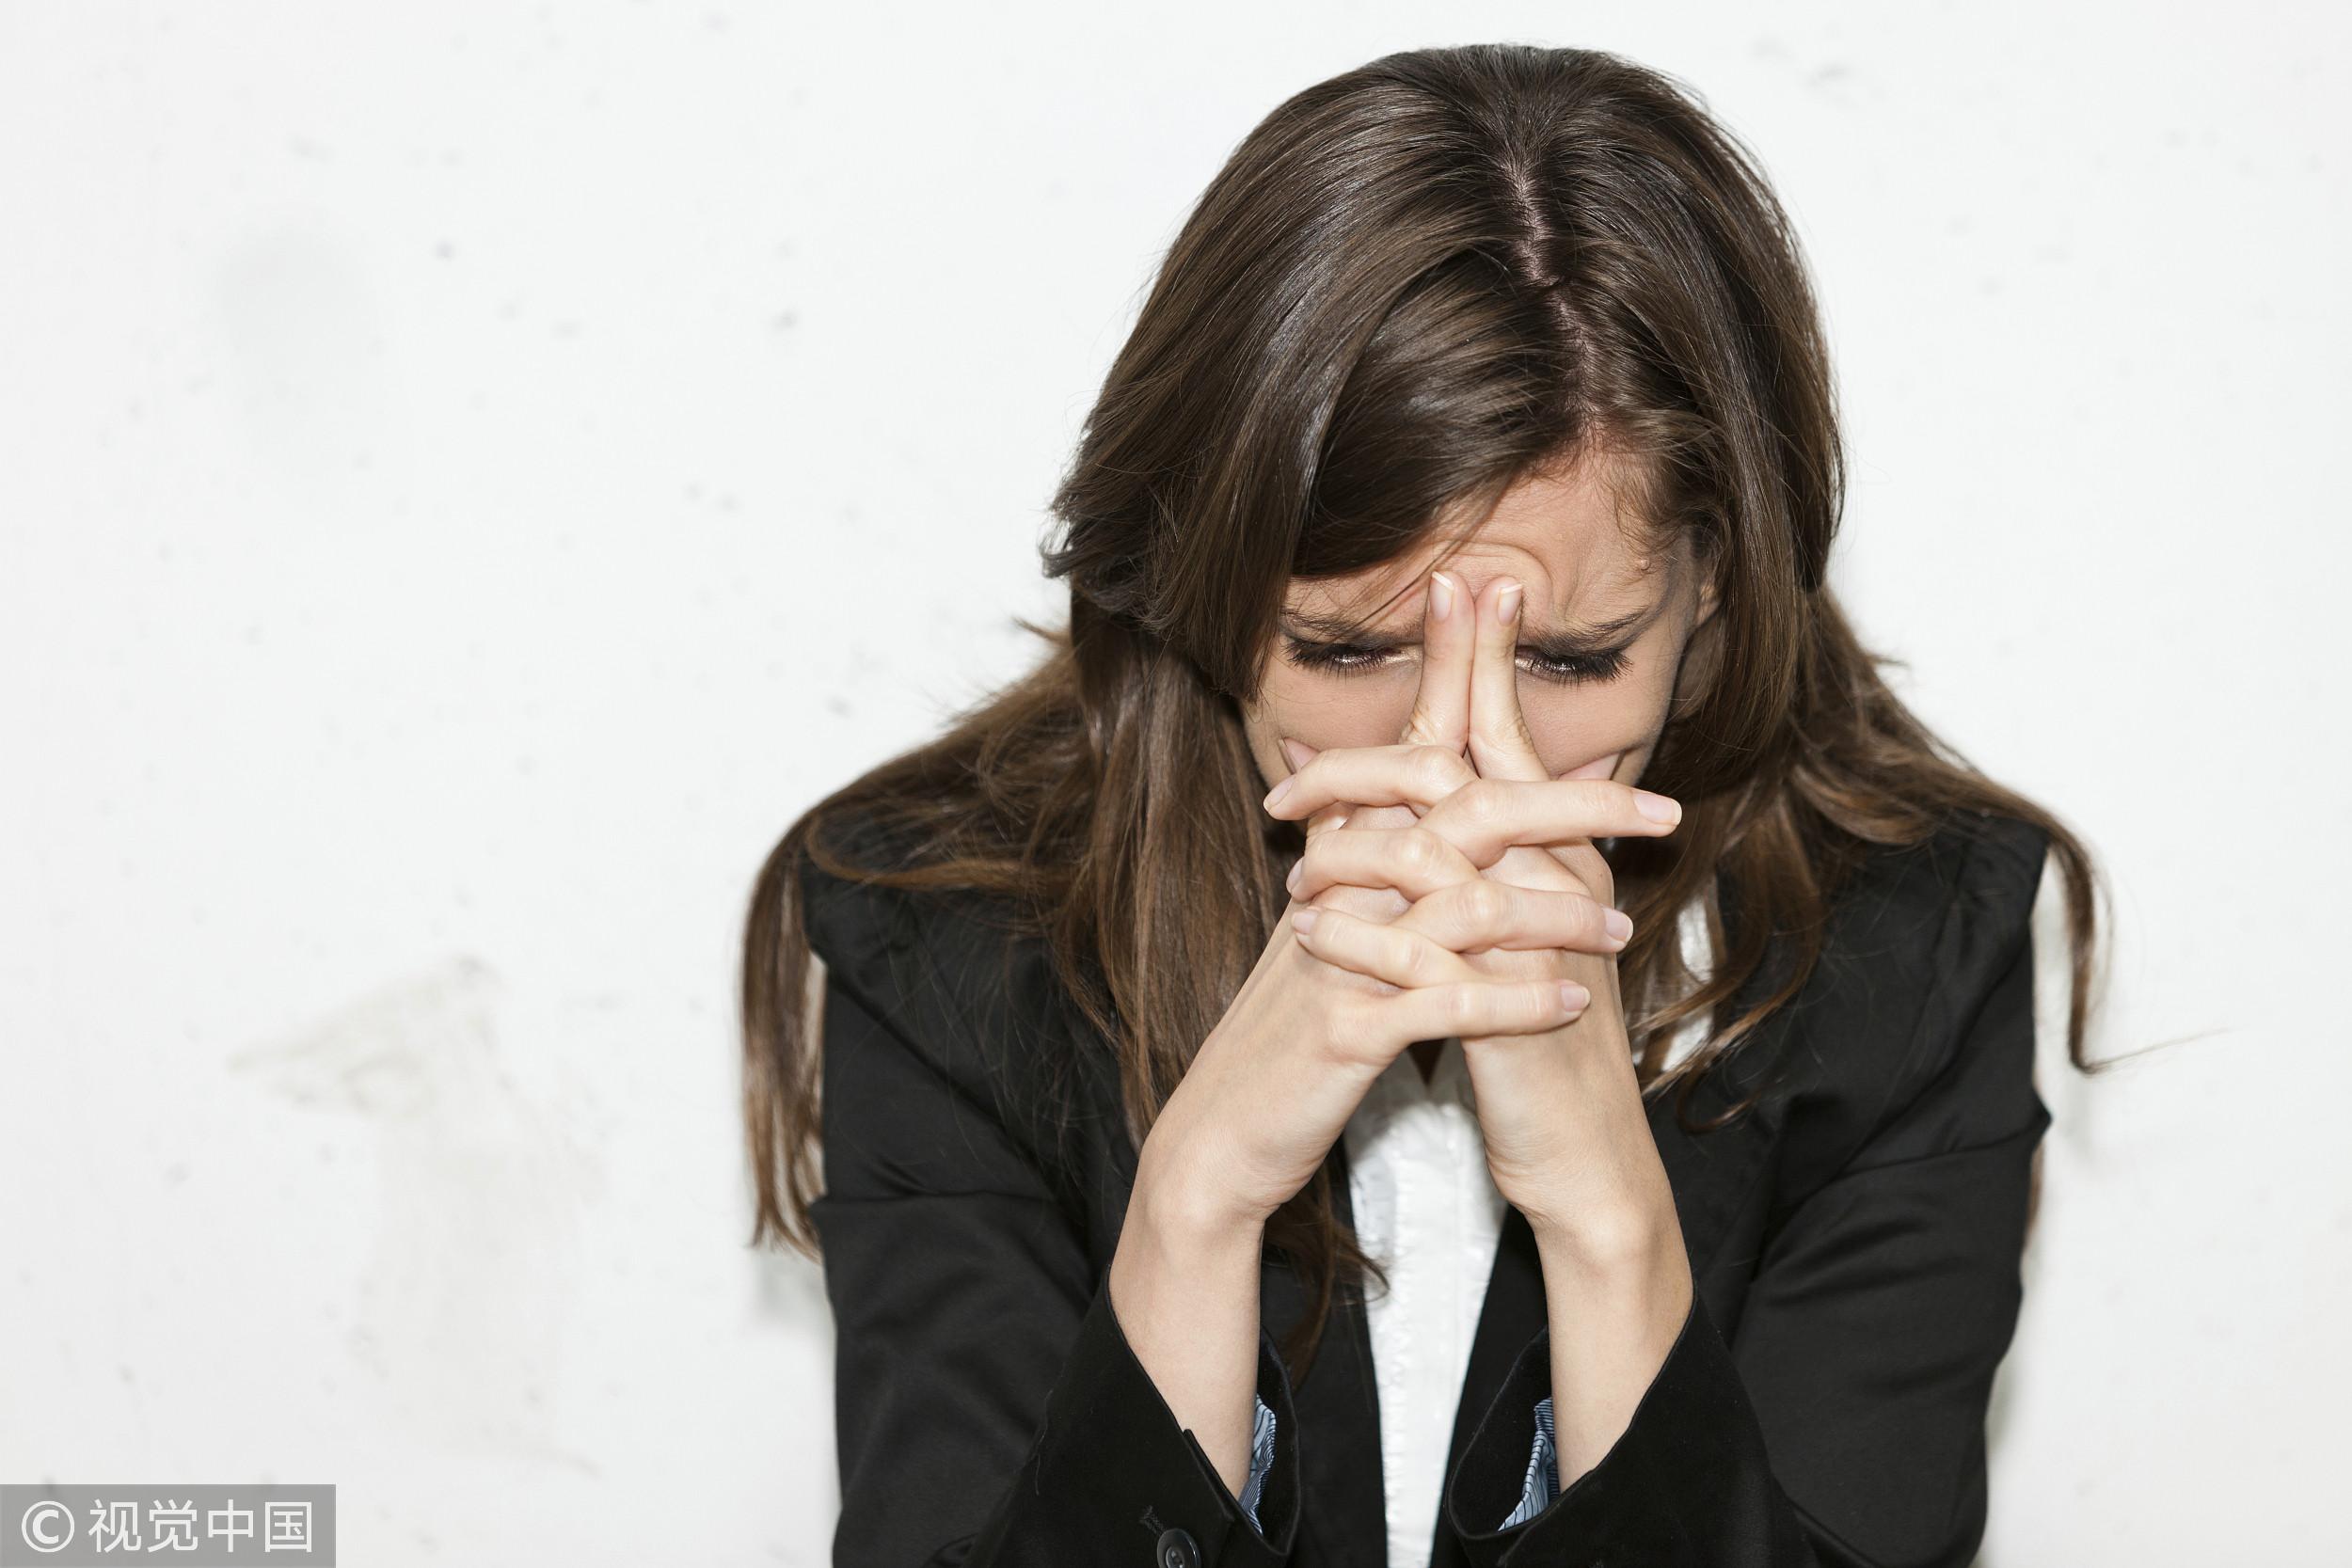 ▲▼頭痛,痛苦,生病,上班族,壓力,頭痛,感冒,女性。(圖/視覺中國CFP)